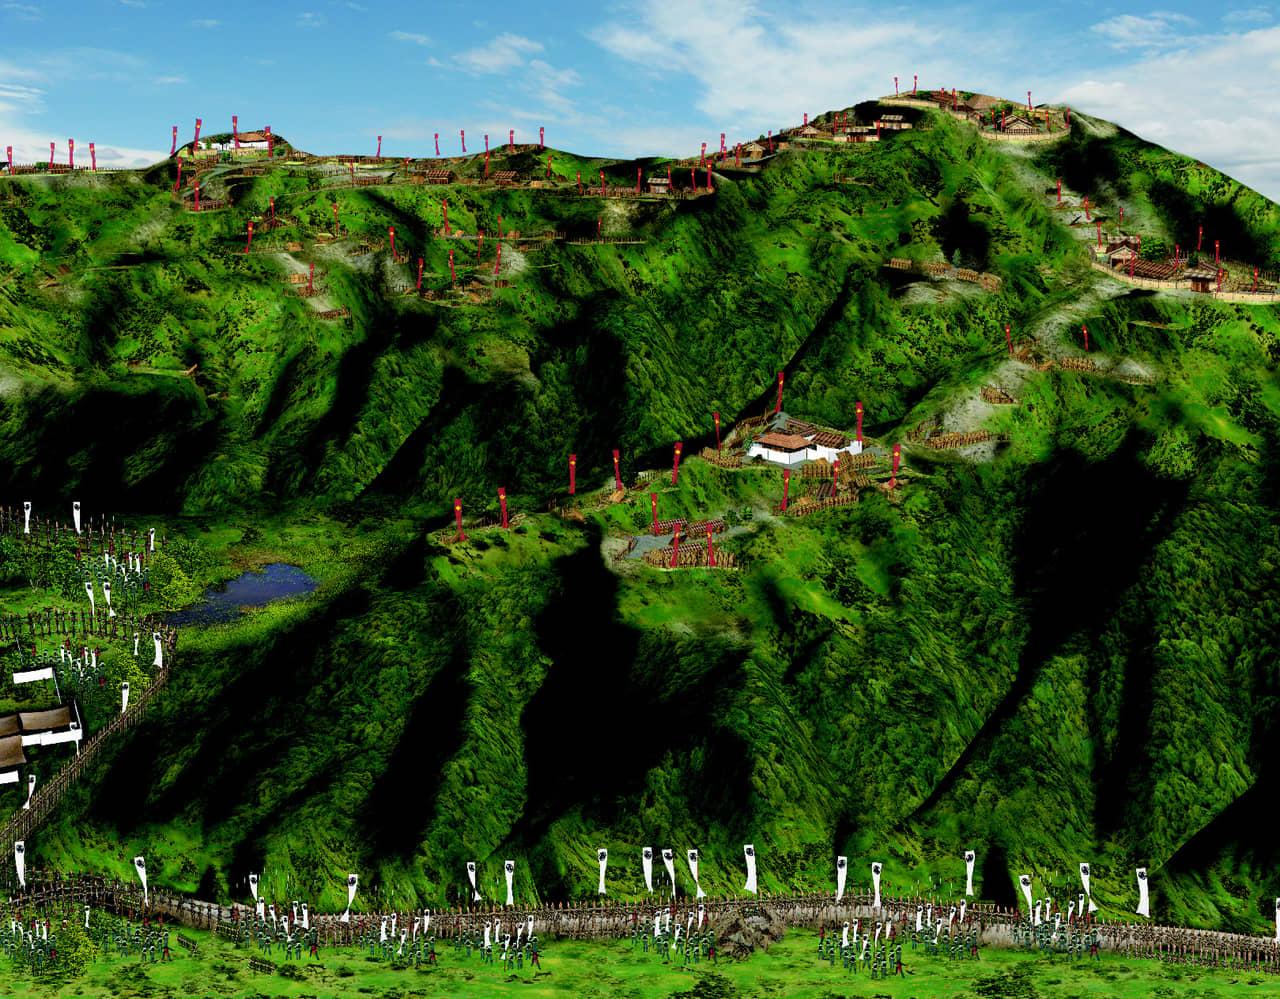 高尾天神城攻め1580〜81年<その1>~熾烈な争奪戦が繰り広げられた東遠州の要衝